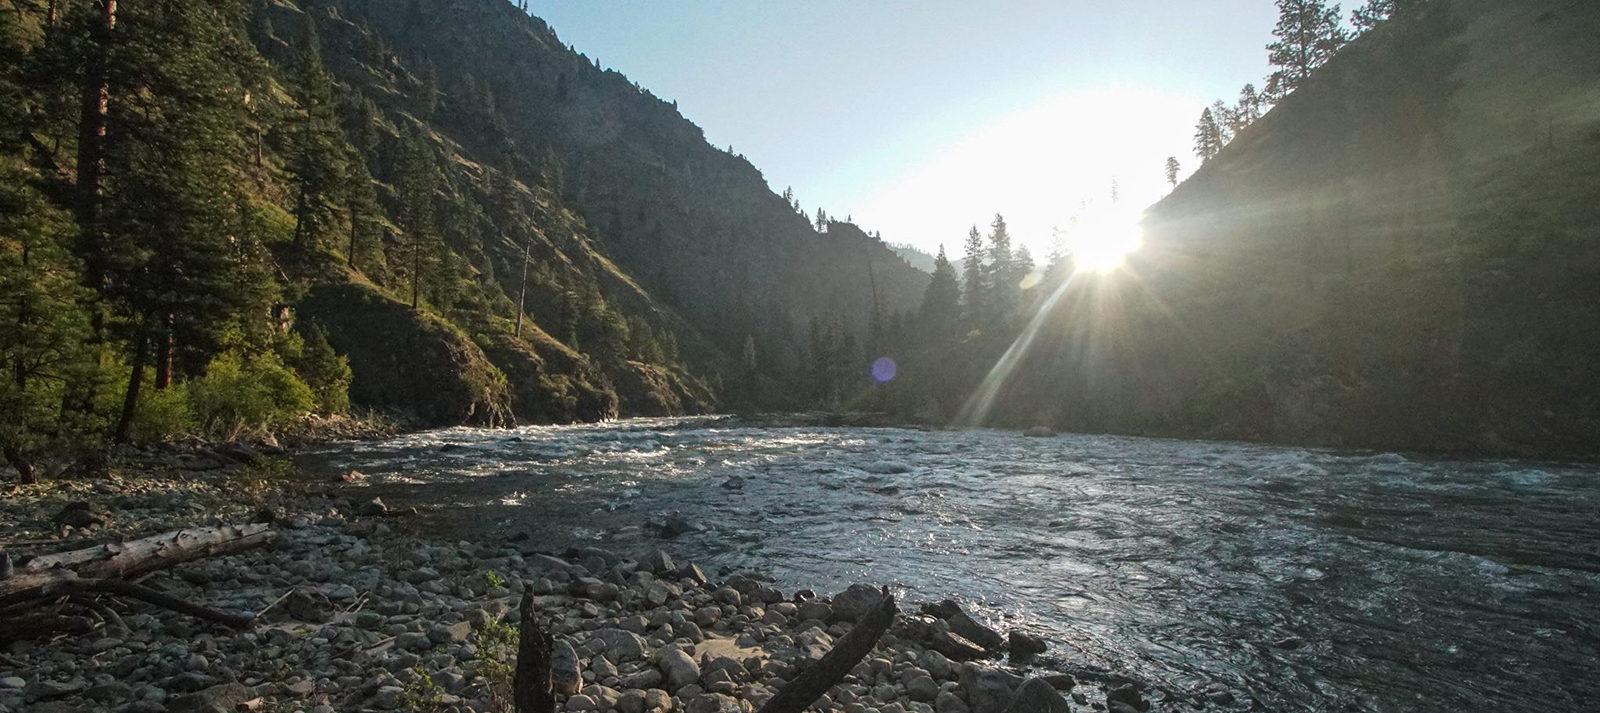 South Fork Salmon River | Photo: Daniel Patrinellis